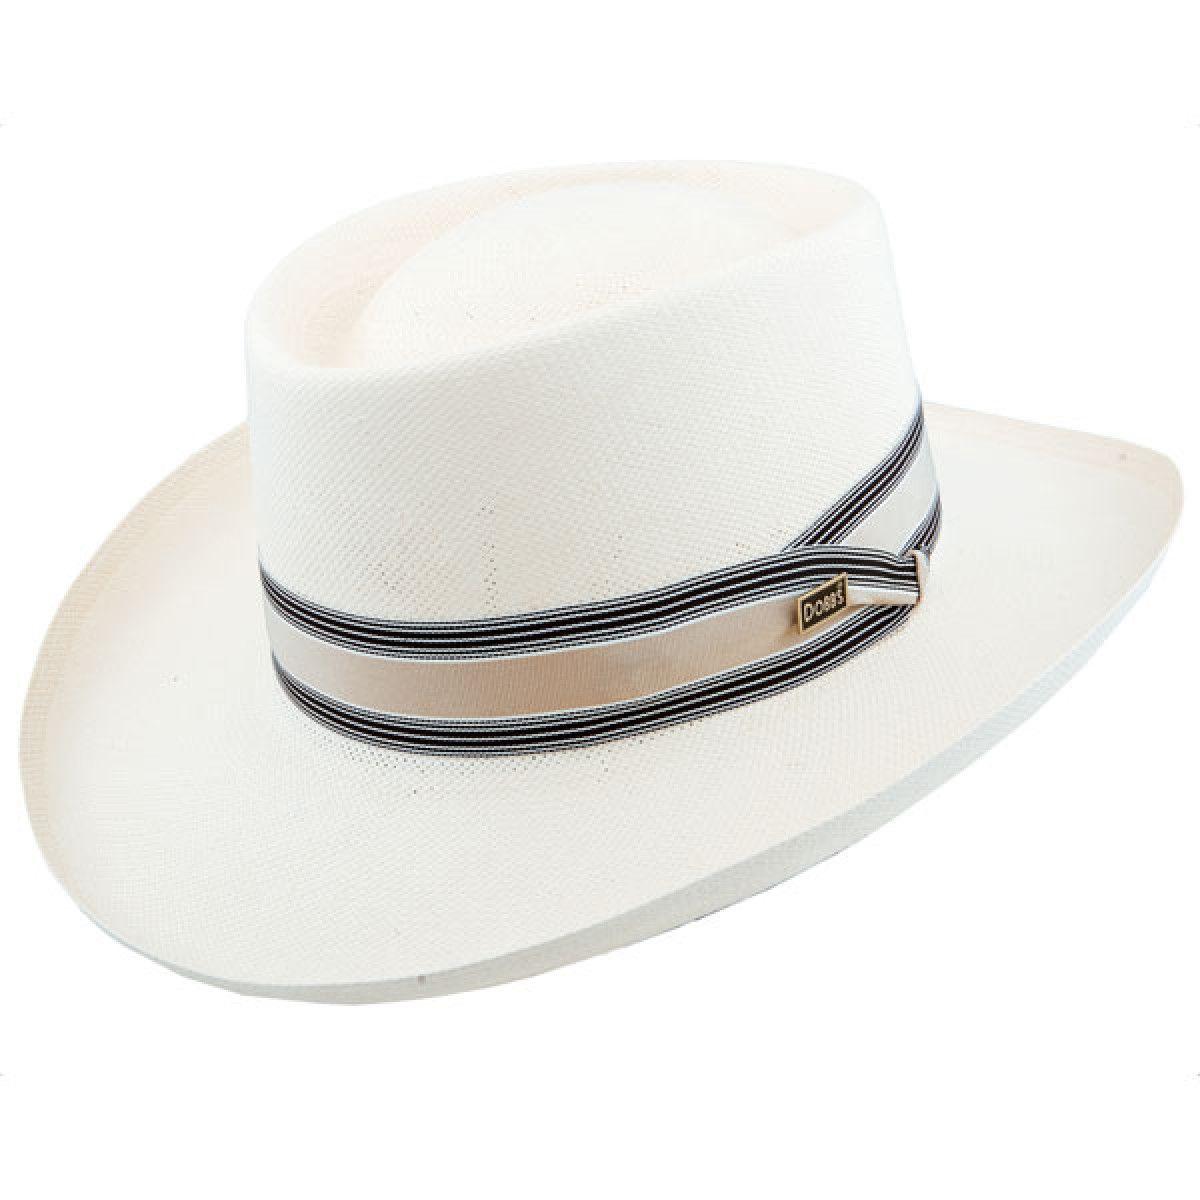 d0de48784a02e Dobbs Kingston - Panama Straw Gambler Hat in 2019